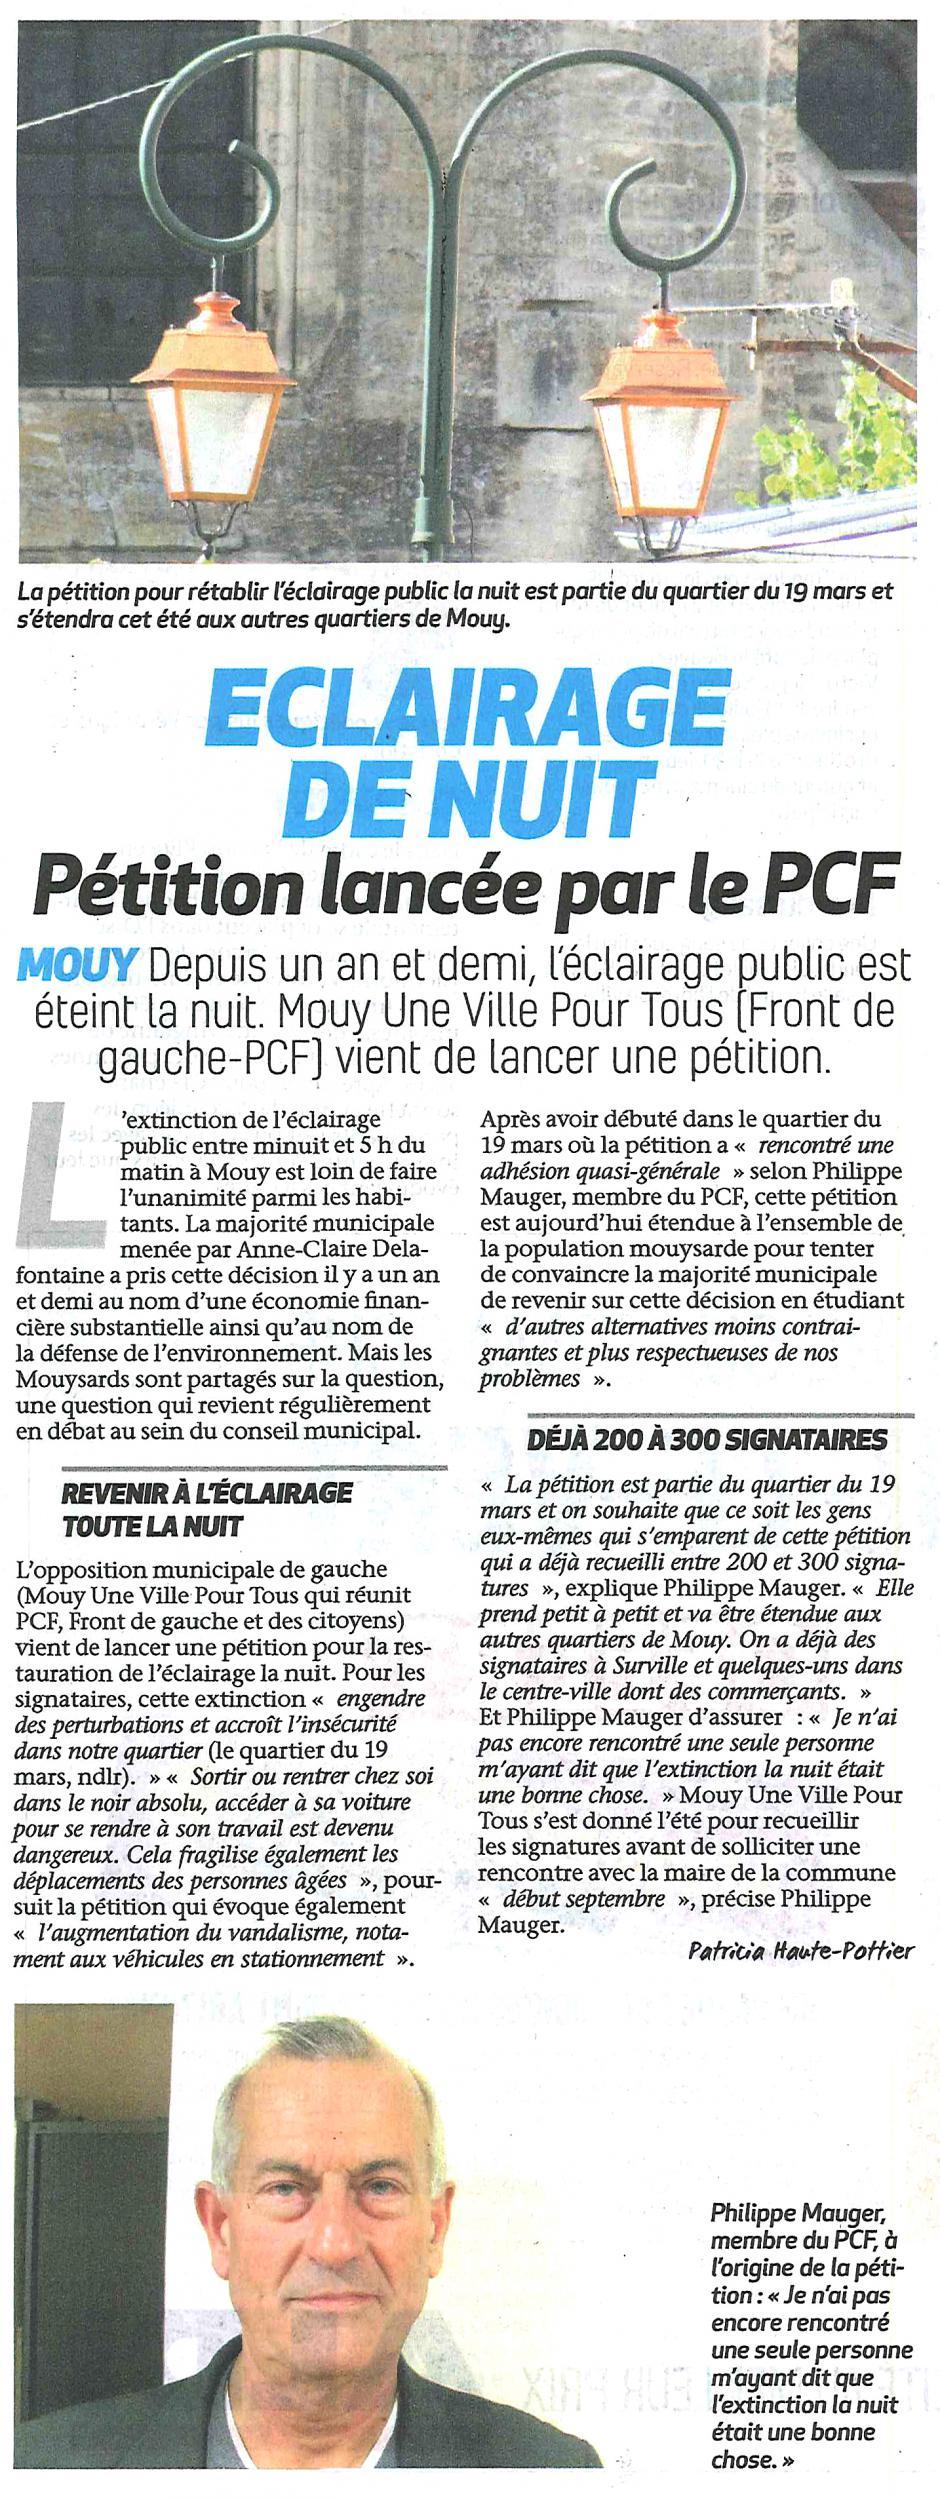 20170719-BonP-Mouy-Éclairage de nuit : pétition lancée par le PCF